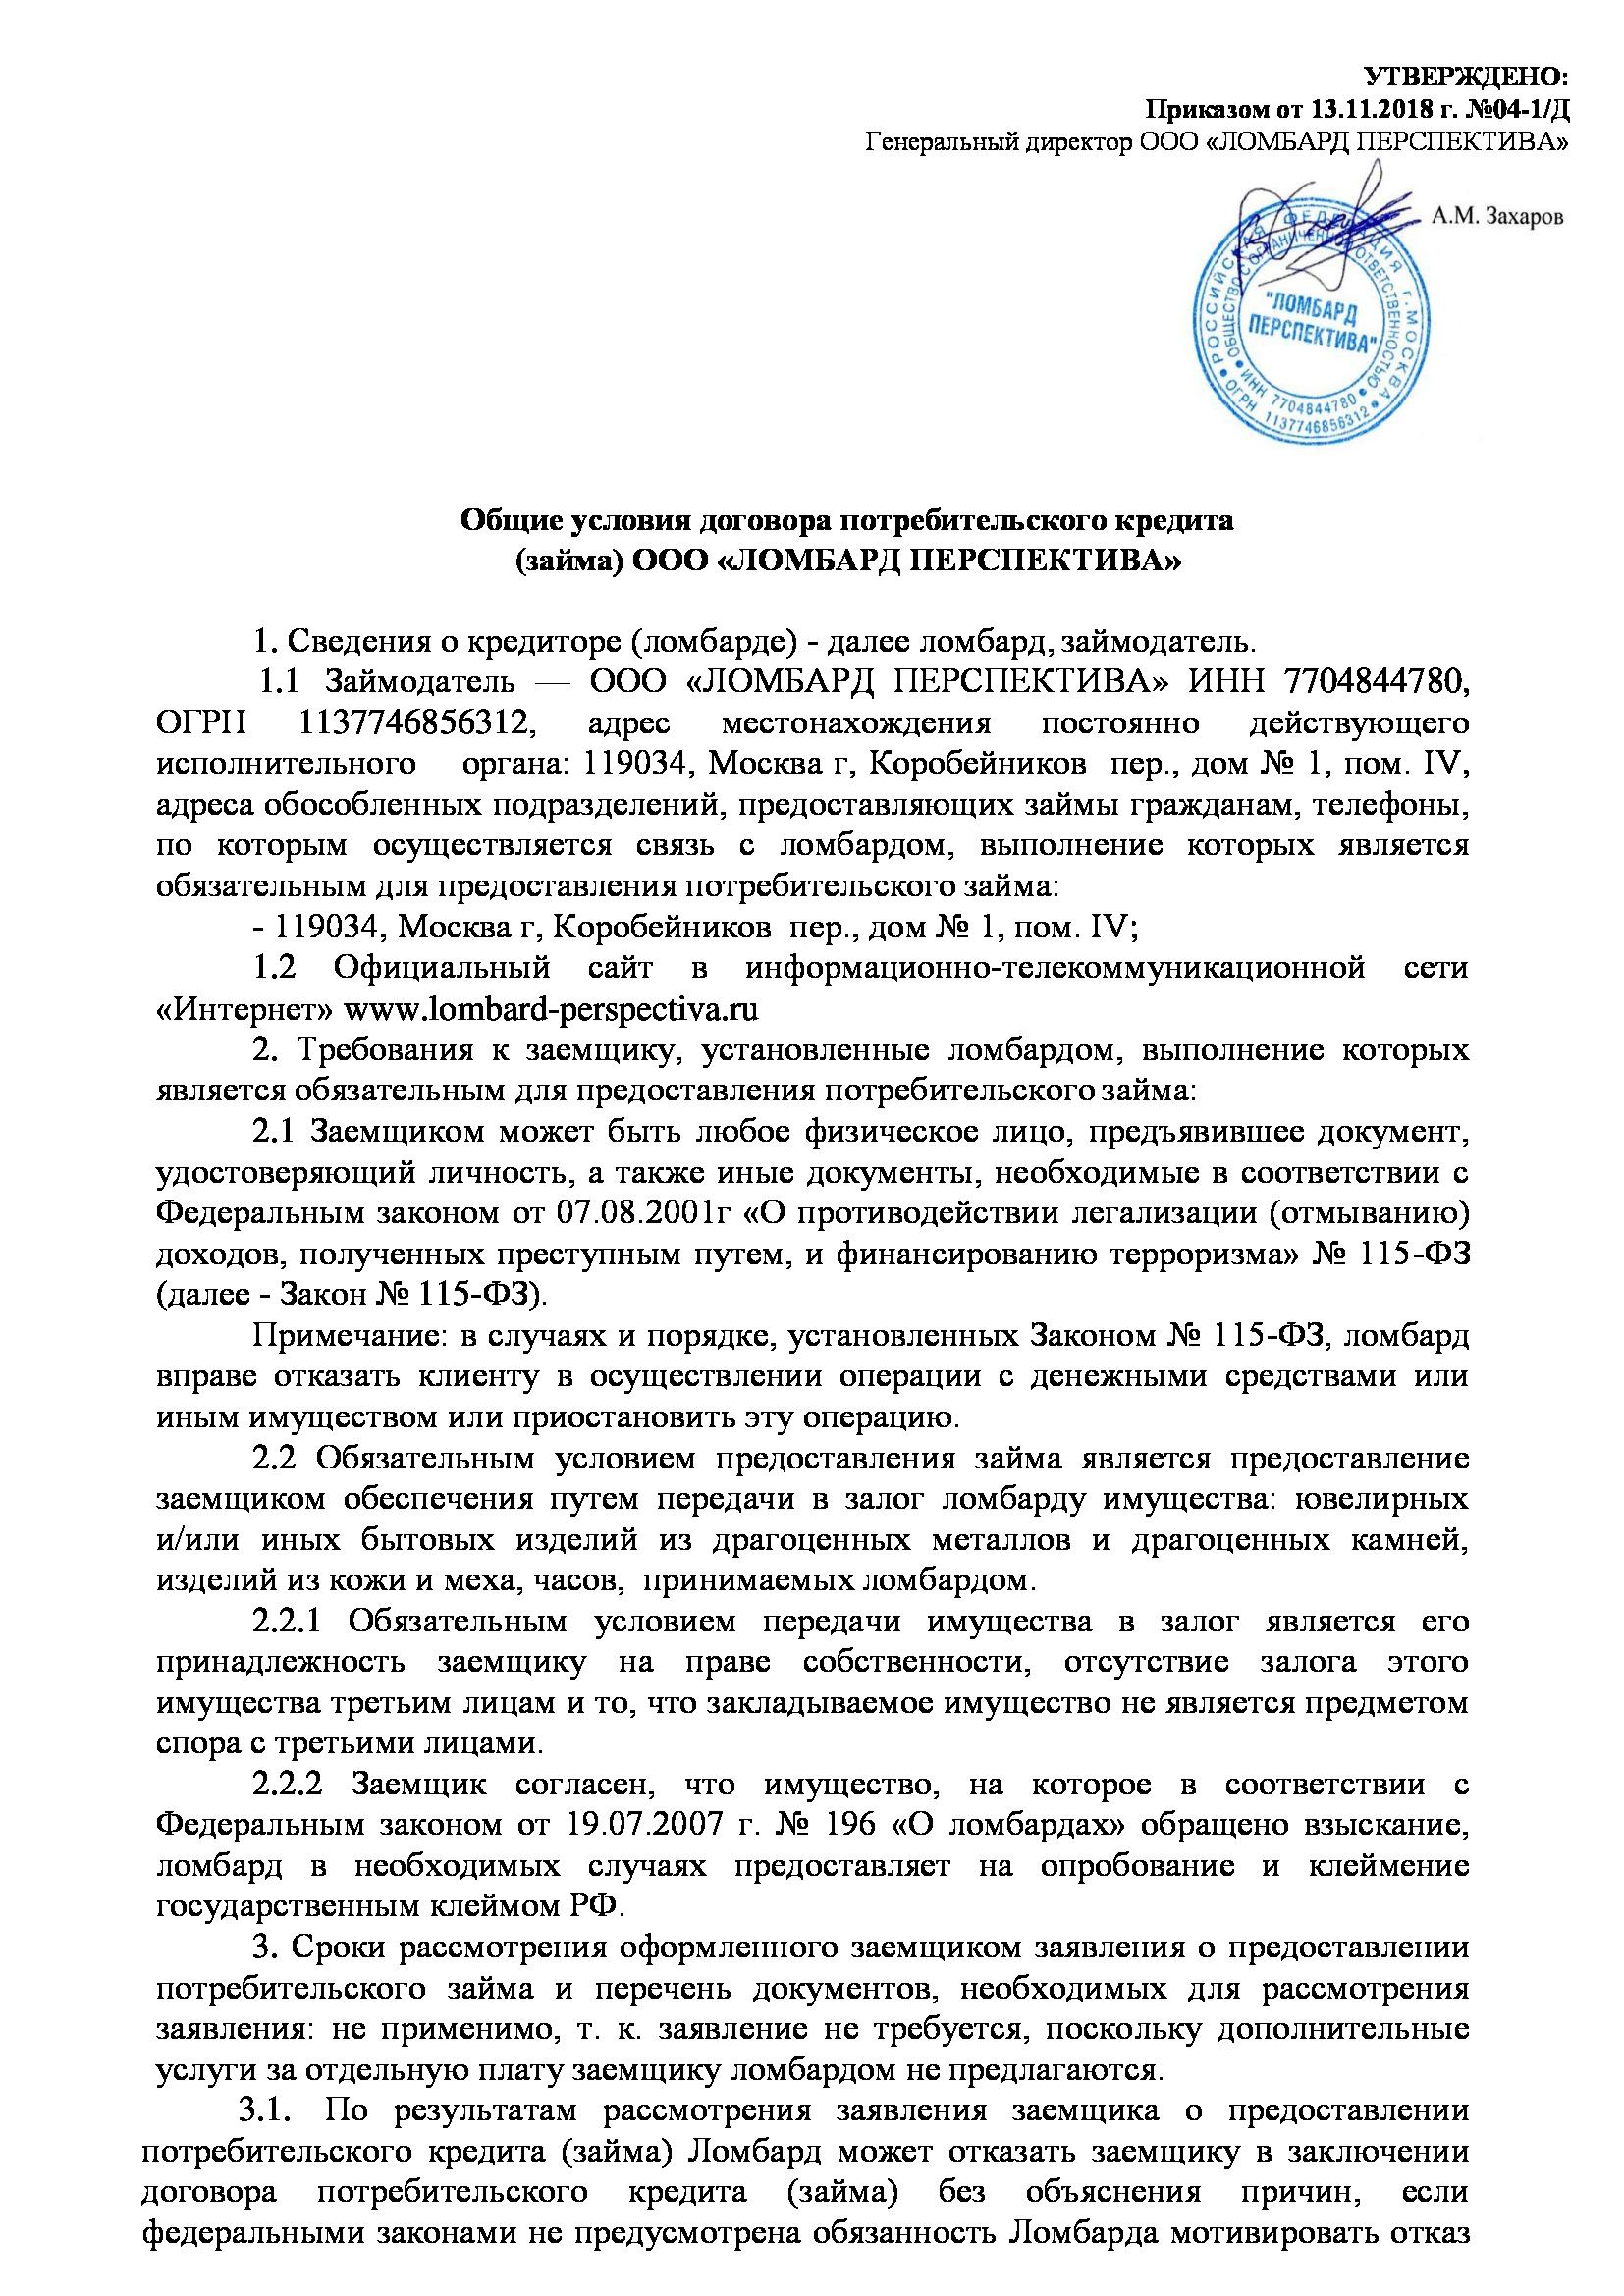 Москве ломбард в перспектива часовой для часов механизм продам каминных